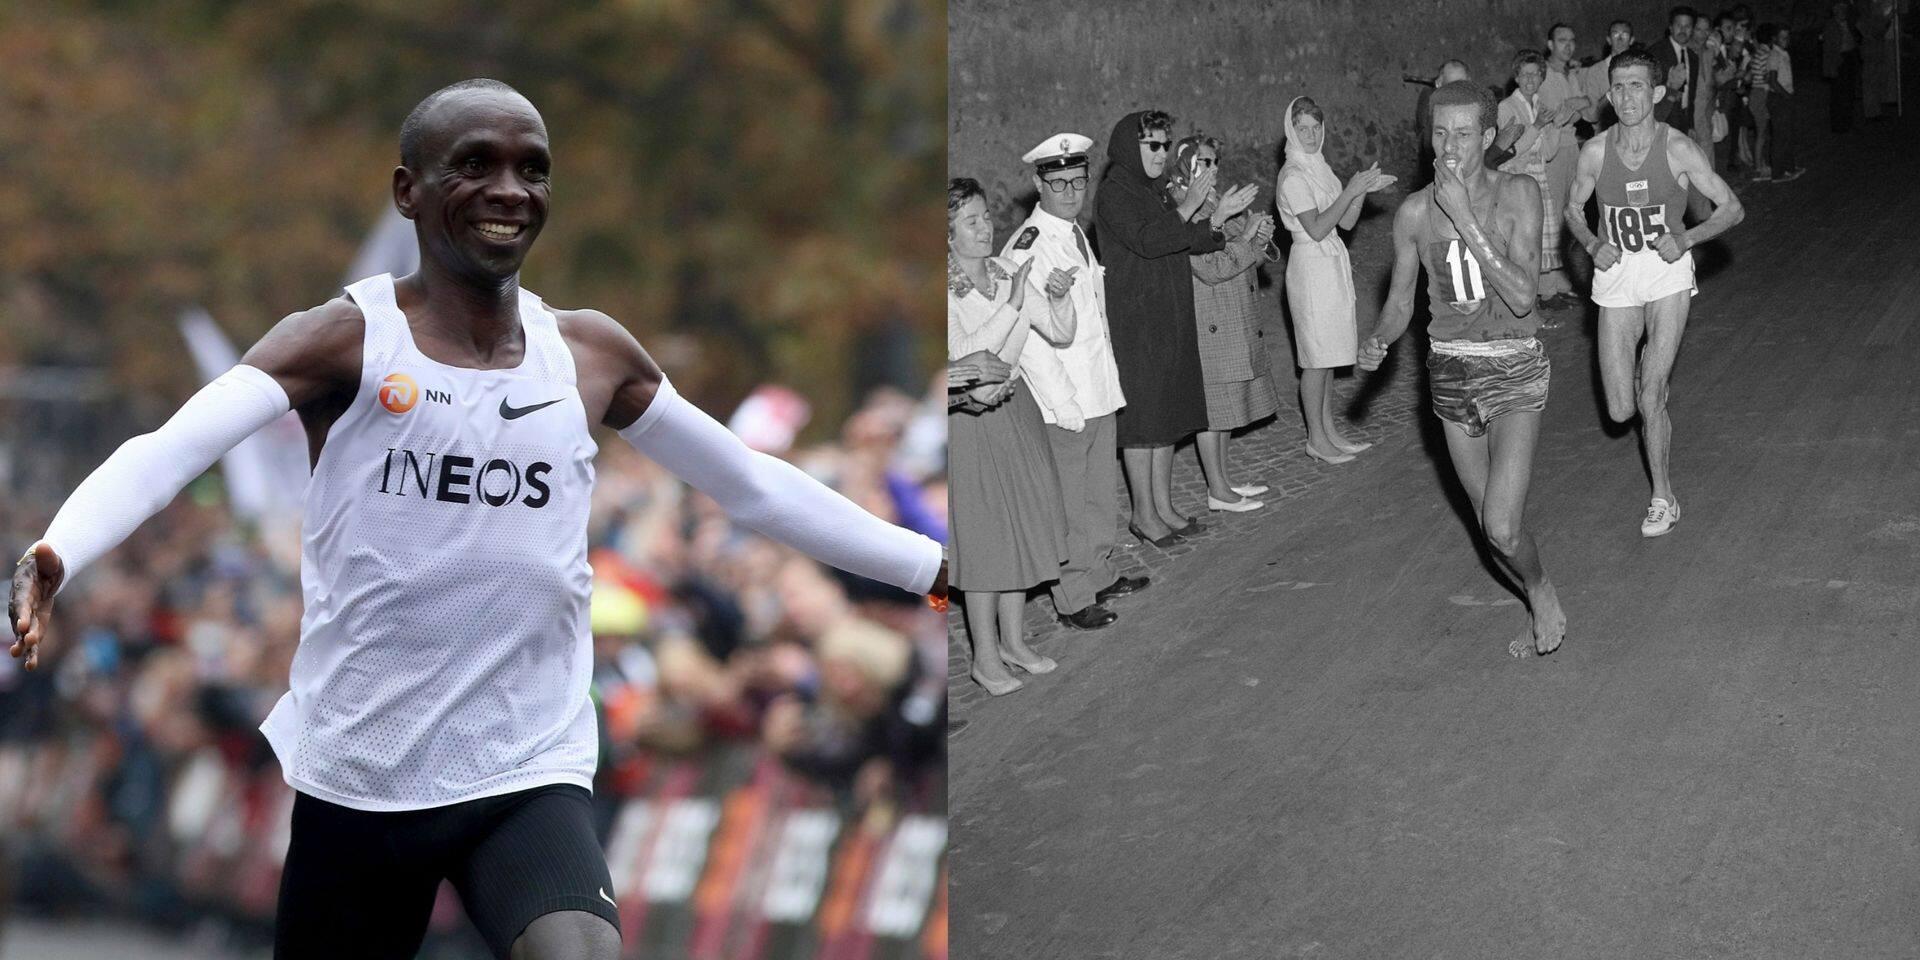 L'héritage d'Abebe Bikila, vainqueur d'un marathon... pieds nus